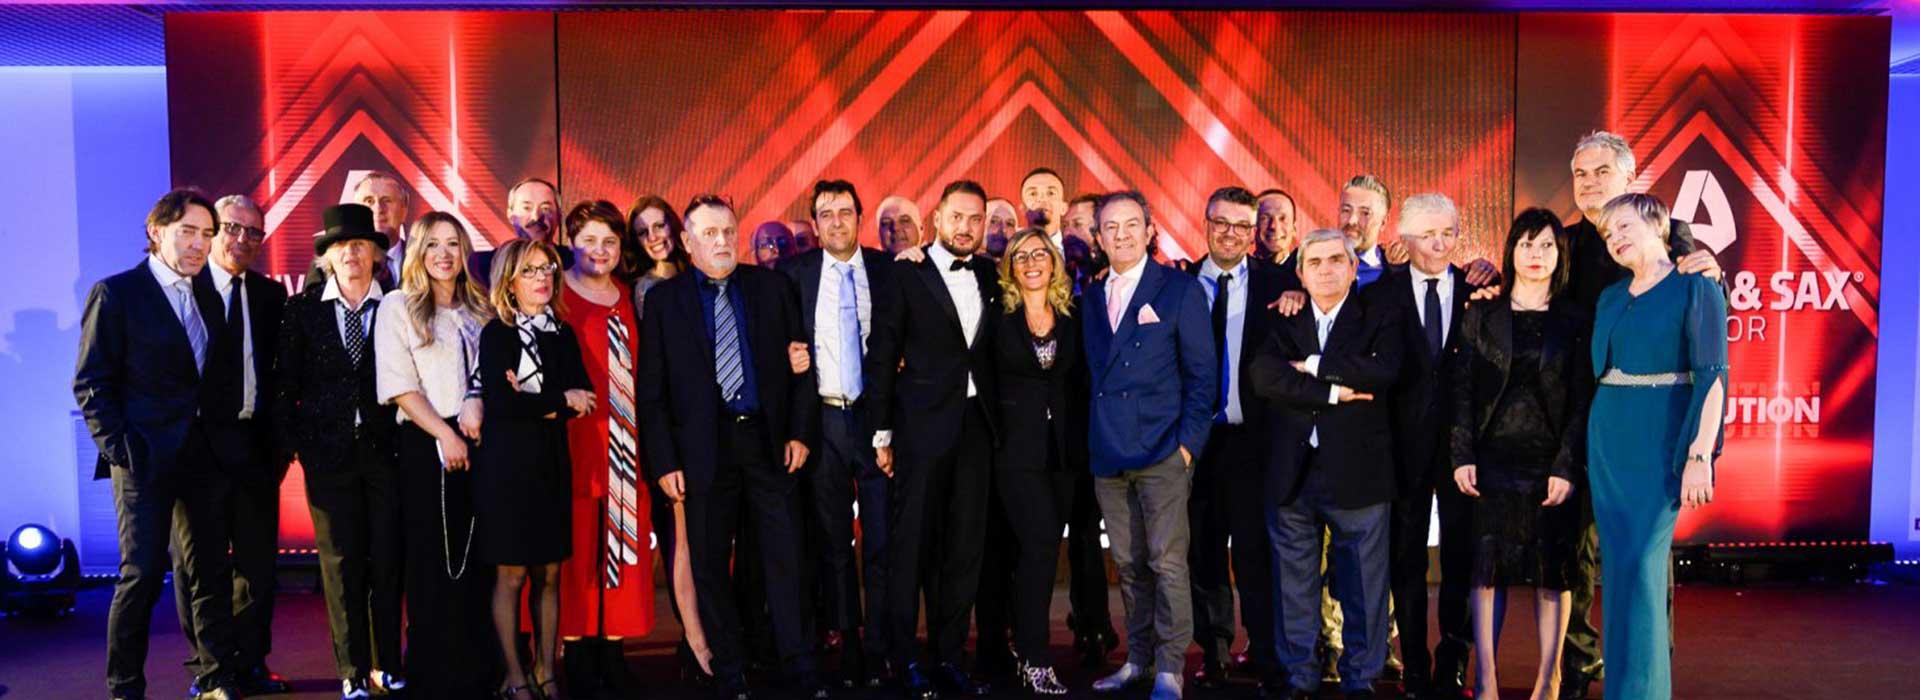 andrew & sax convention foto di gruppo